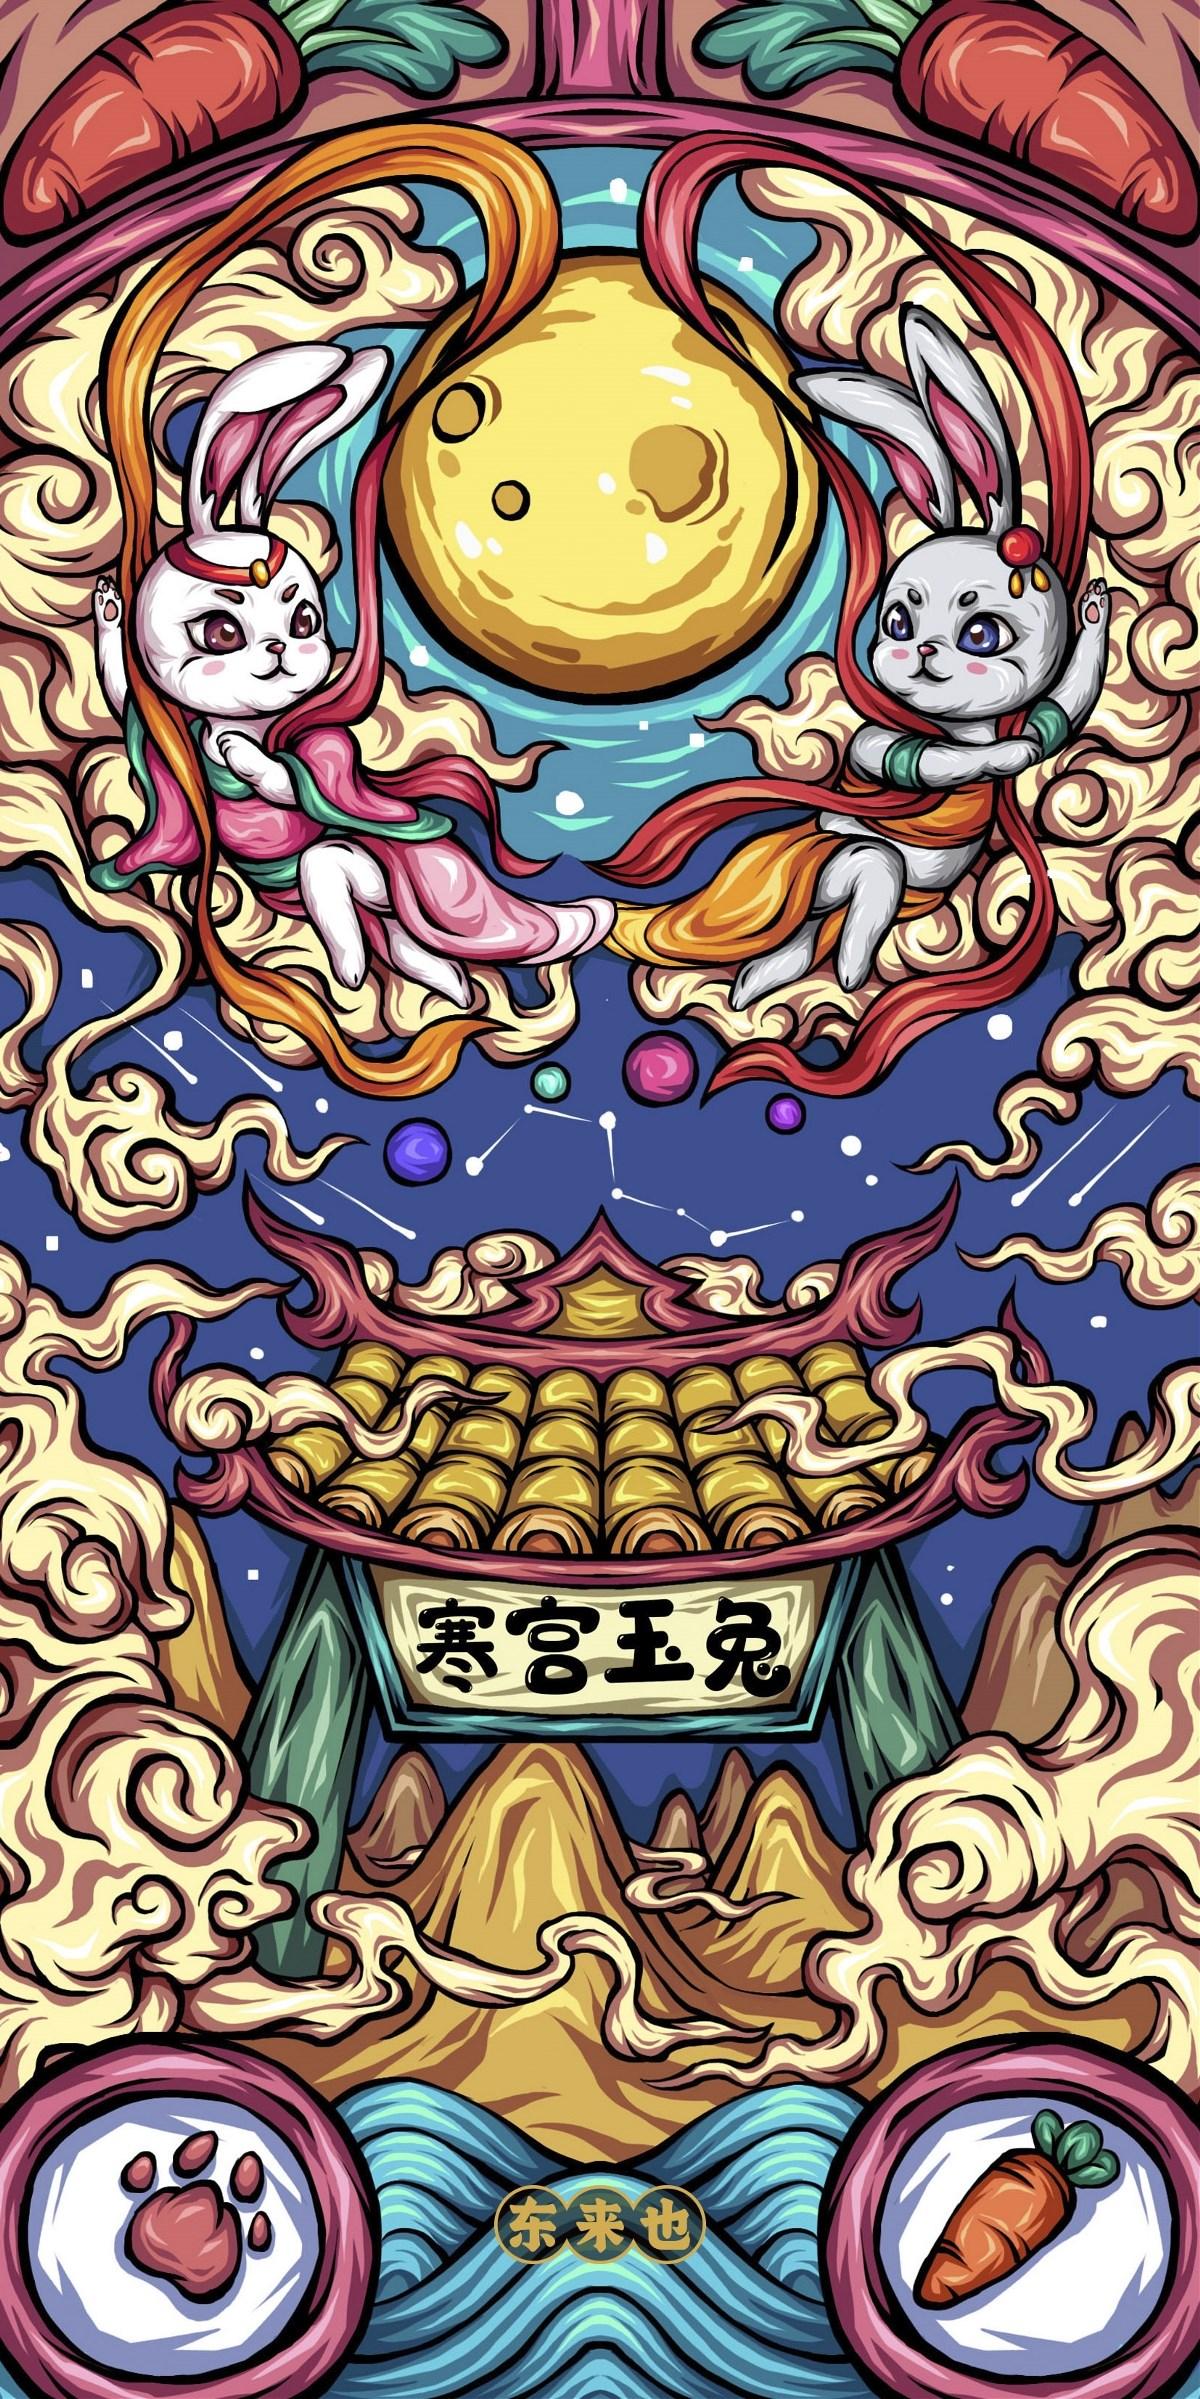 东来也原创插画设计-寒宫玉兔